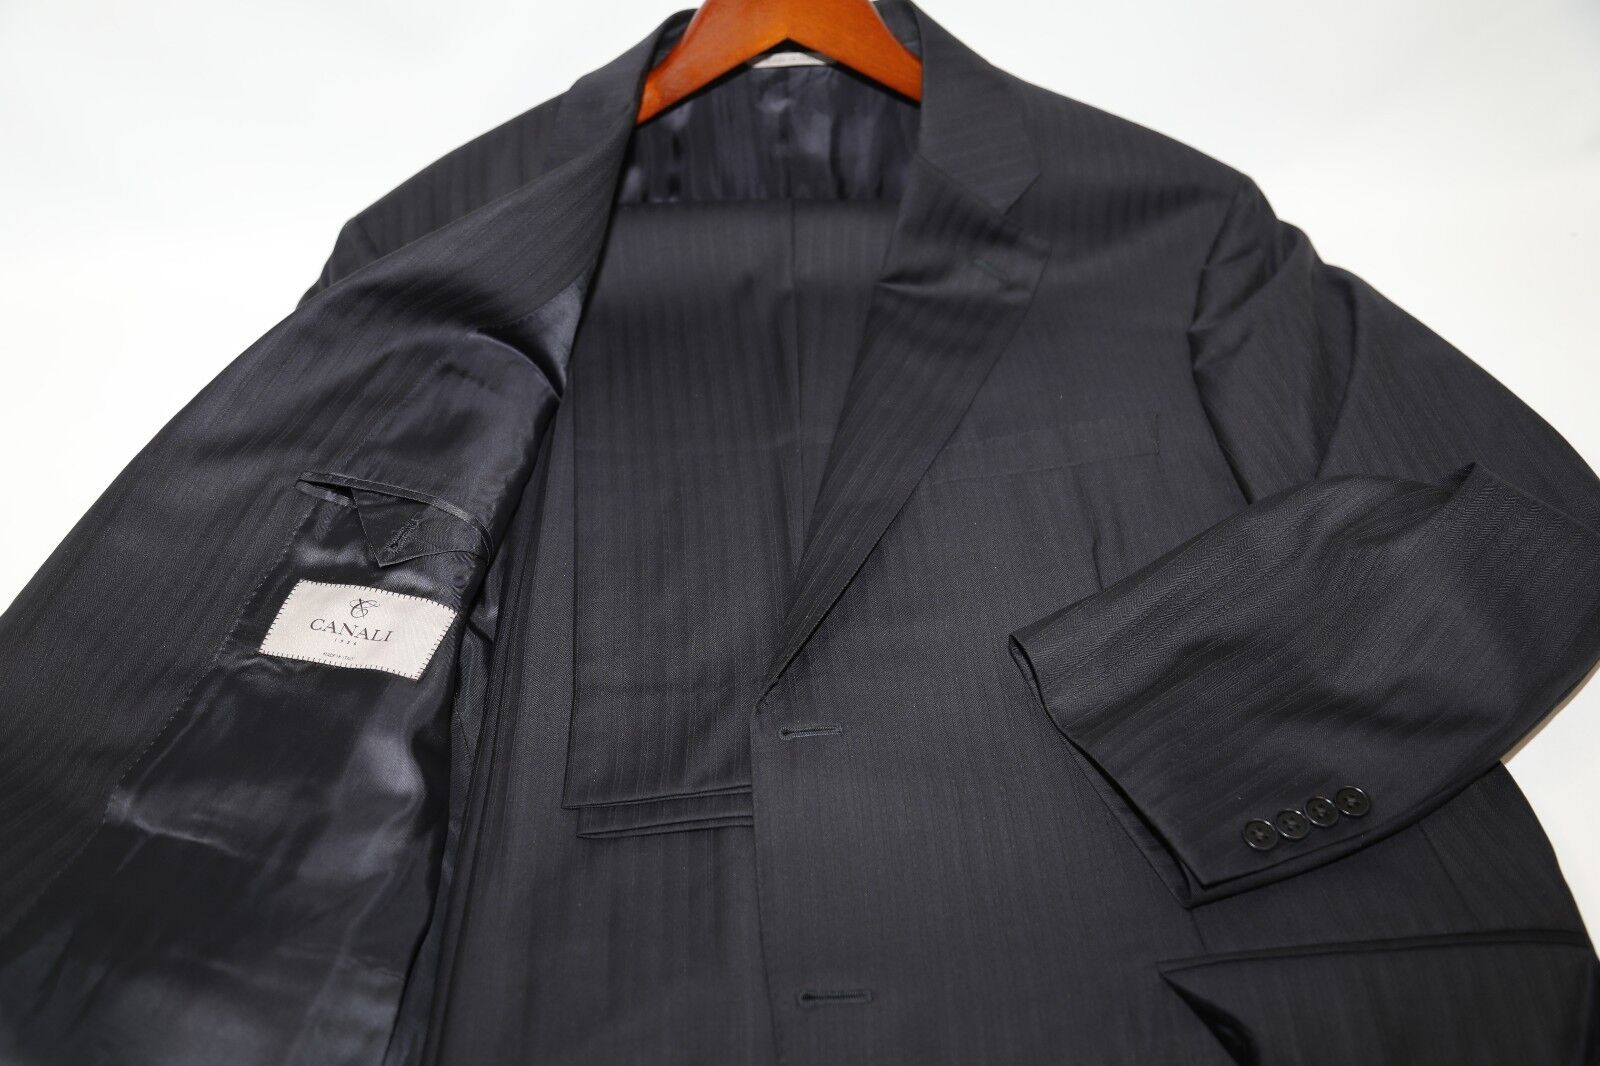 174  CANALI  Model 13290 Two Button Suit Größe 46 R